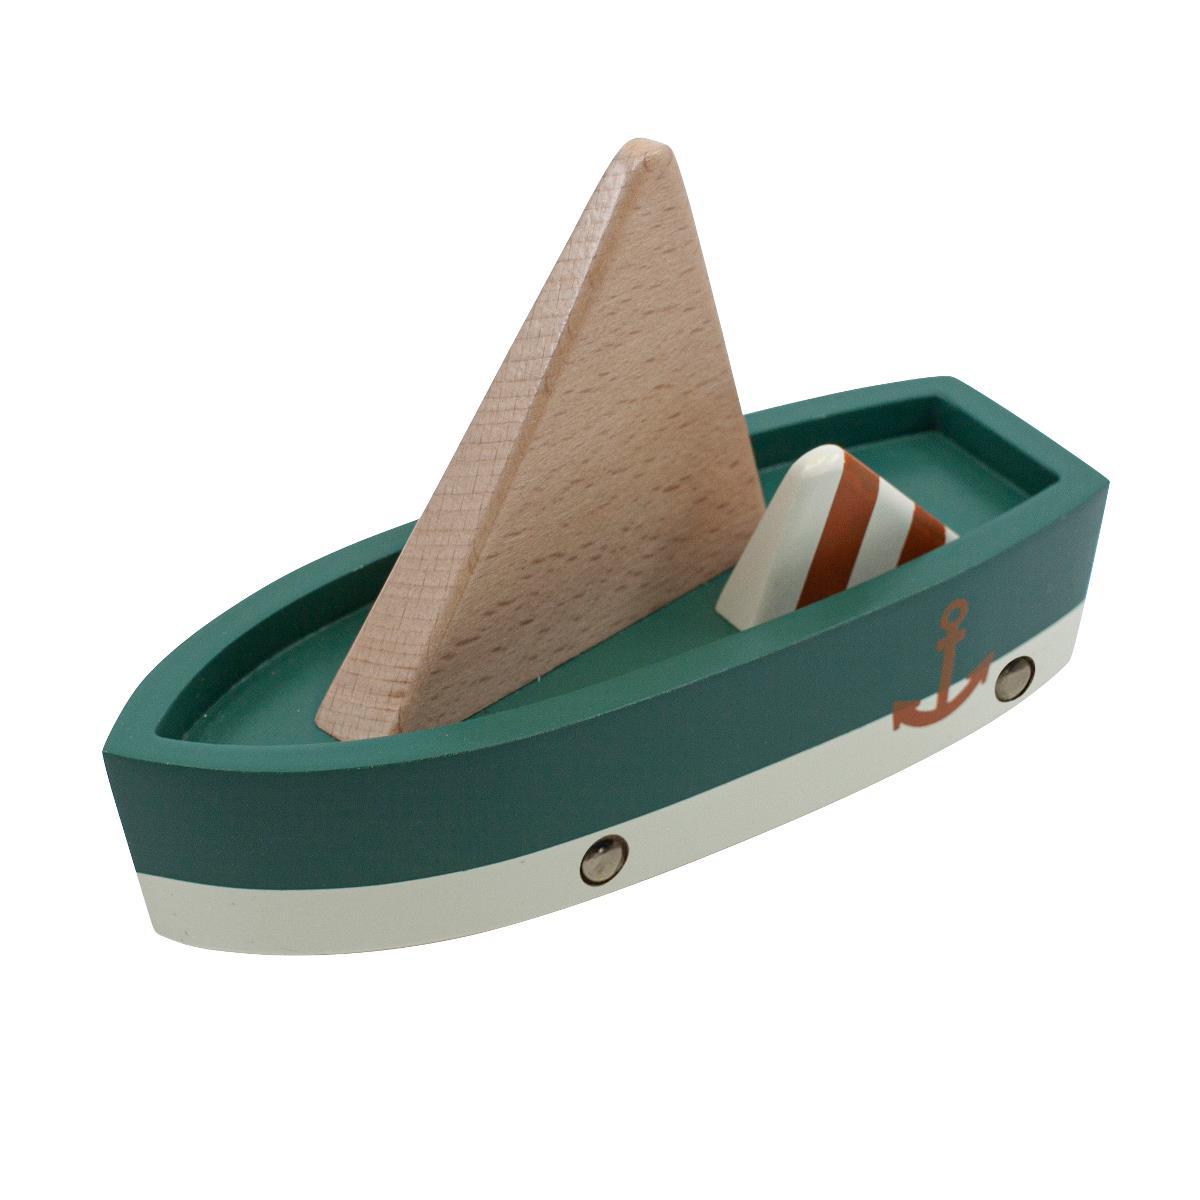 Afbeelding Zeilboot hout